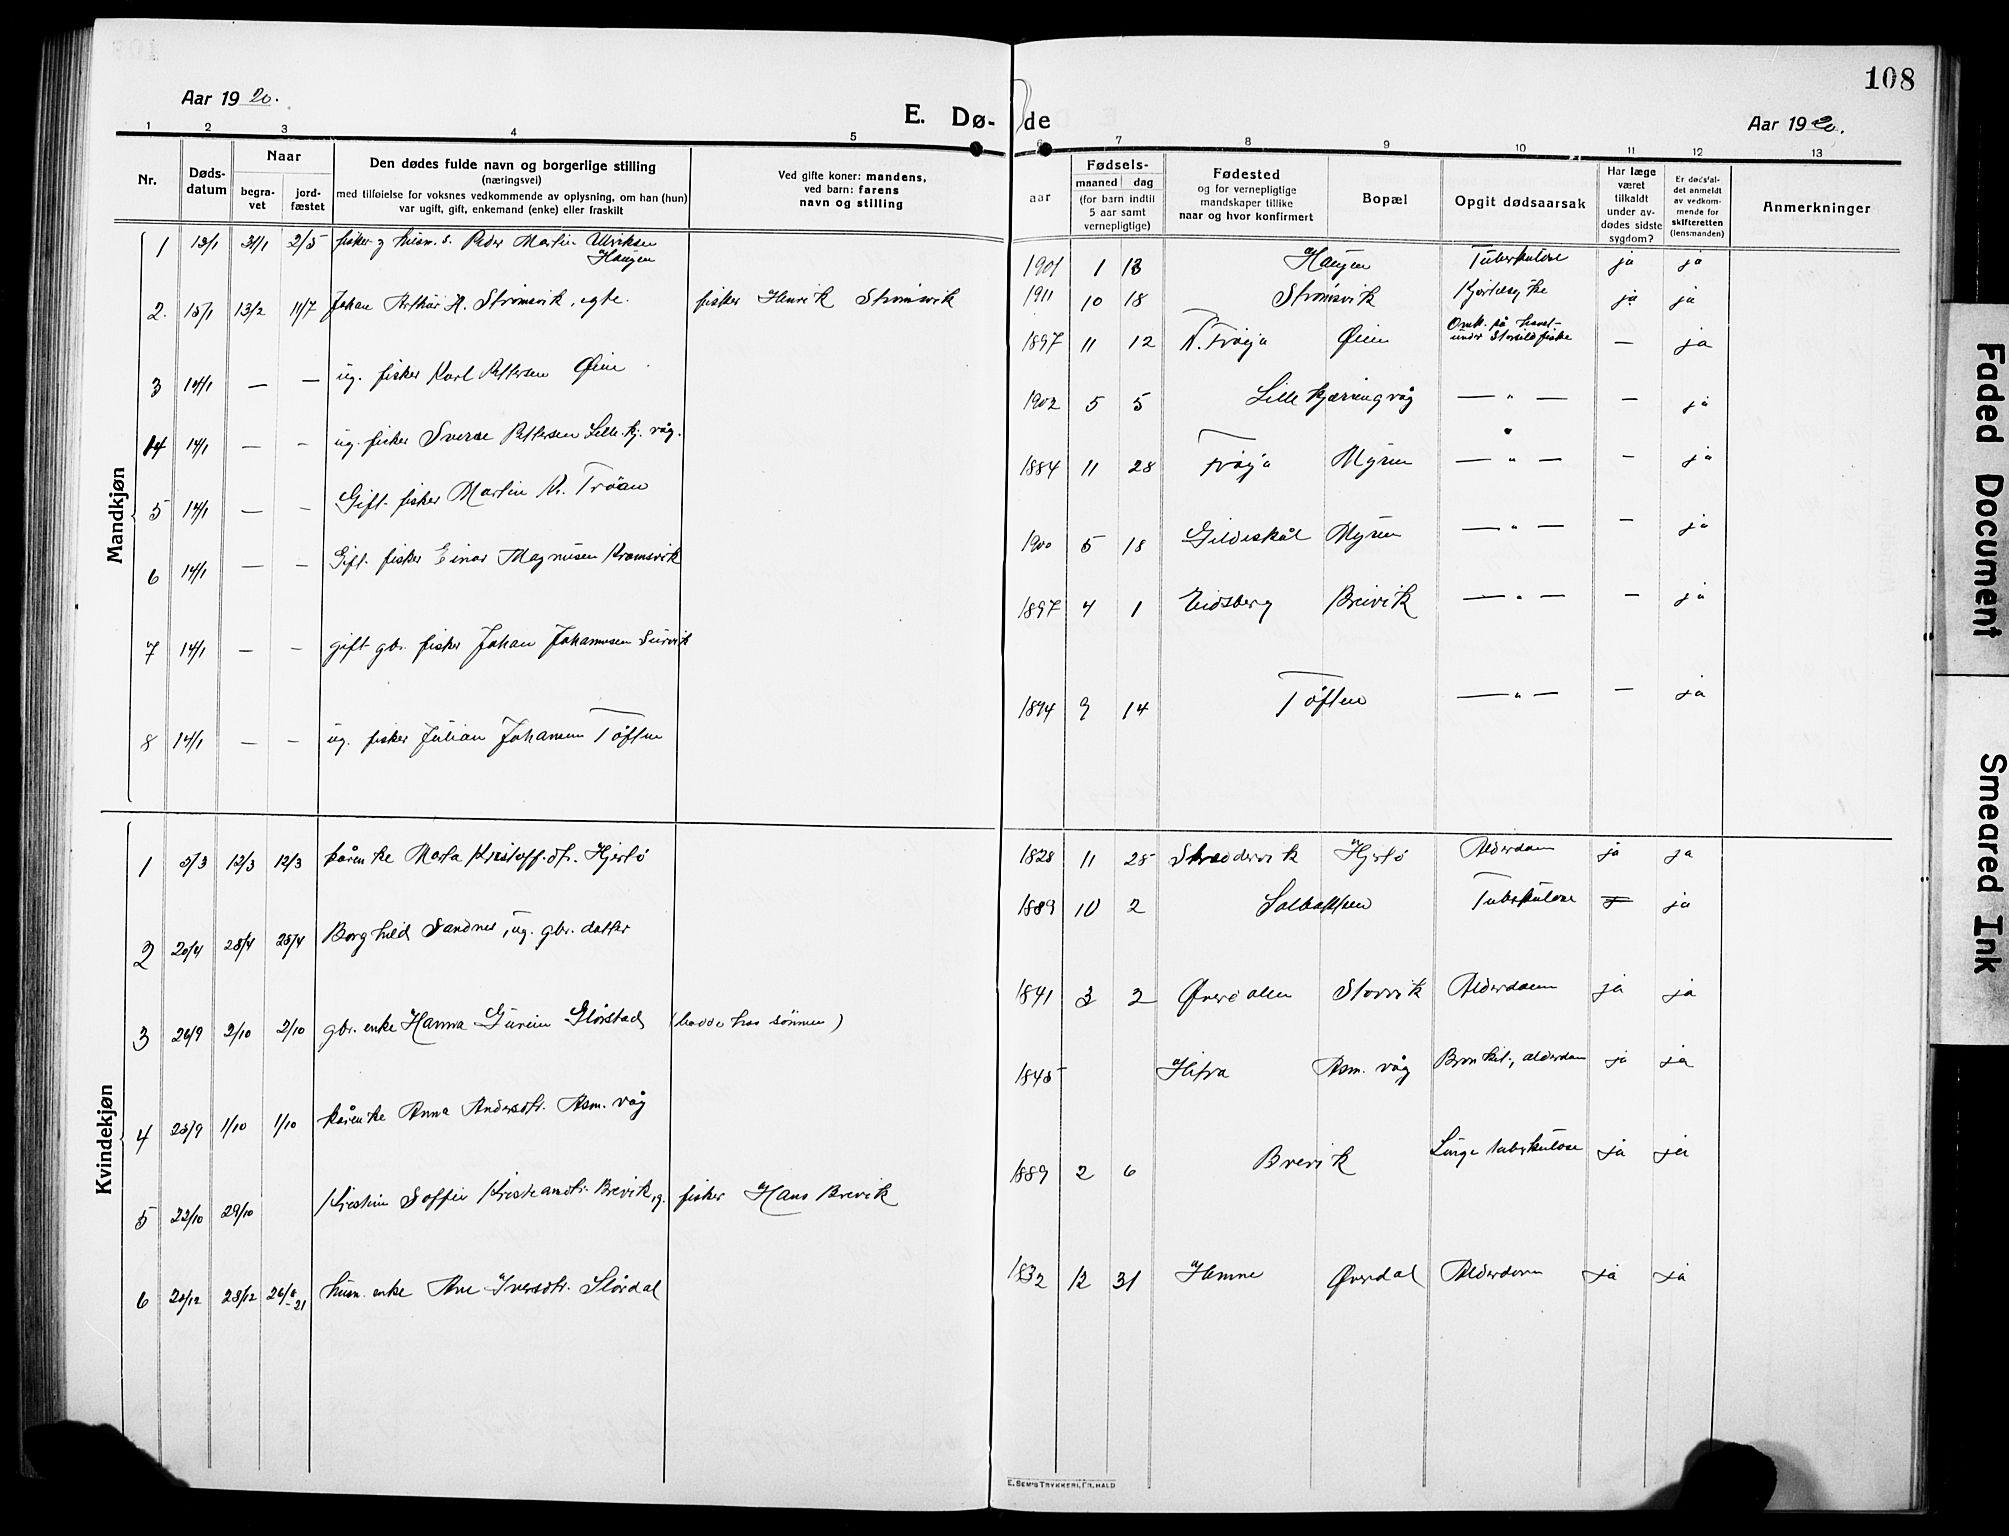 SAT, Ministerialprotokoller, klokkerbøker og fødselsregistre - Sør-Trøndelag, 634/L0543: Klokkerbok nr. 634C05, 1917-1928, s. 108